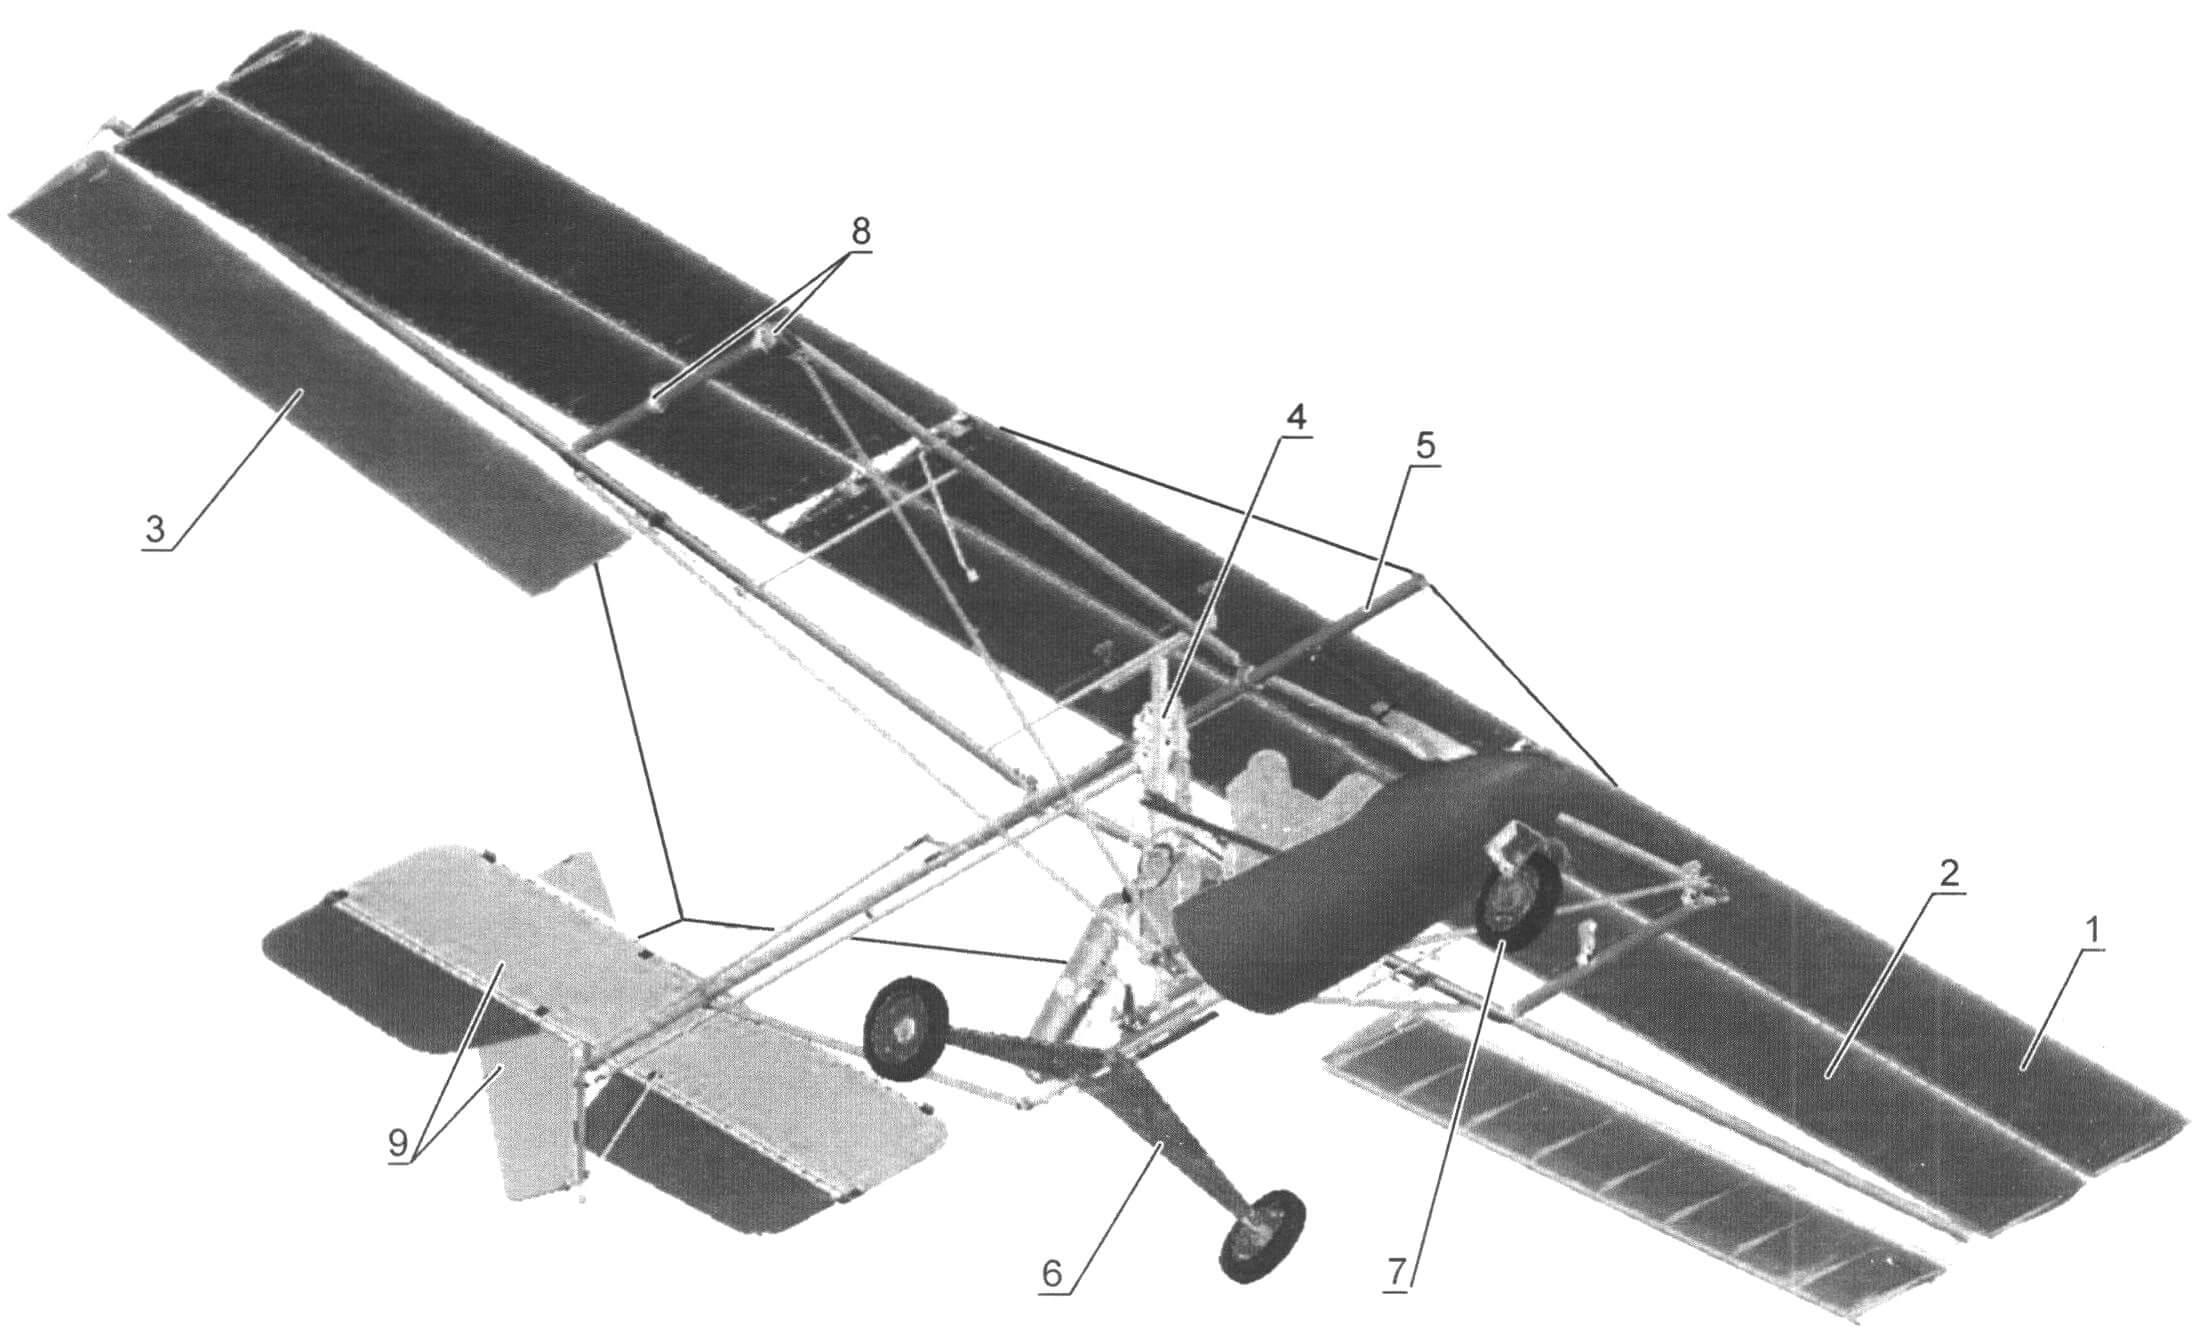 Махолет «Альбатрос АС-5мх»: 1 - переднее крыло; 2 - заднее крыло; 3 - элерон; 4 - механизм привода крыльев; 5 - килевая балка; 6 - основные опоры шасси; 1 - передняя стойка шасси; 8 - шарнирные узлы лонжеронов крыла; 9 - хвостовое оперение